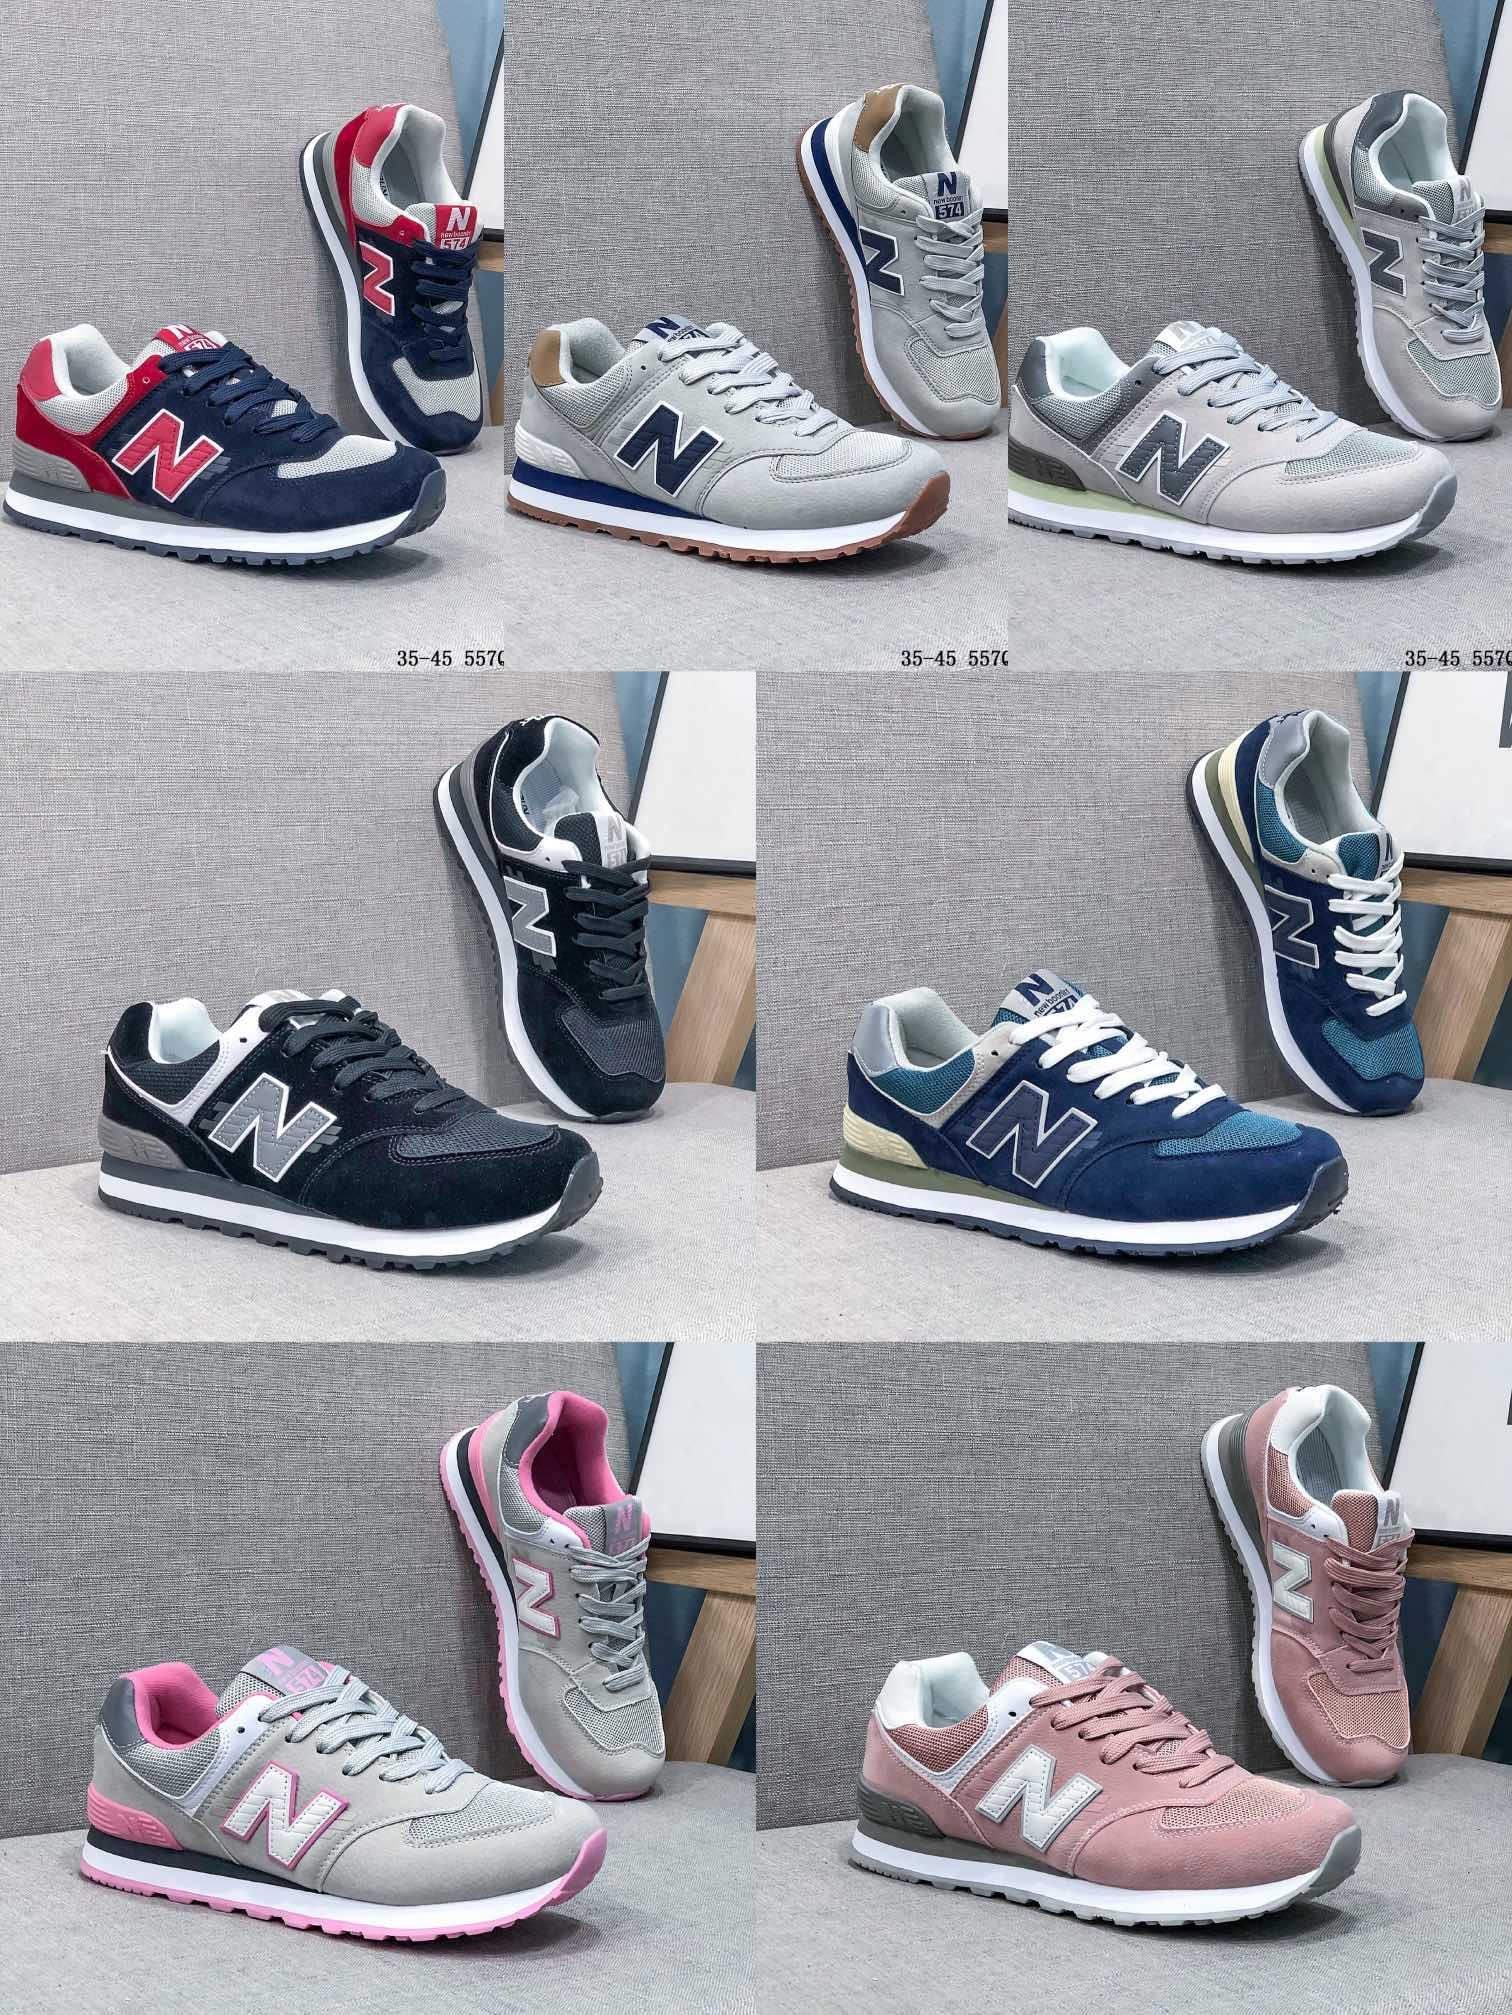 2020年秋季newbalance新百伦nb574男女复古休闲运动鞋